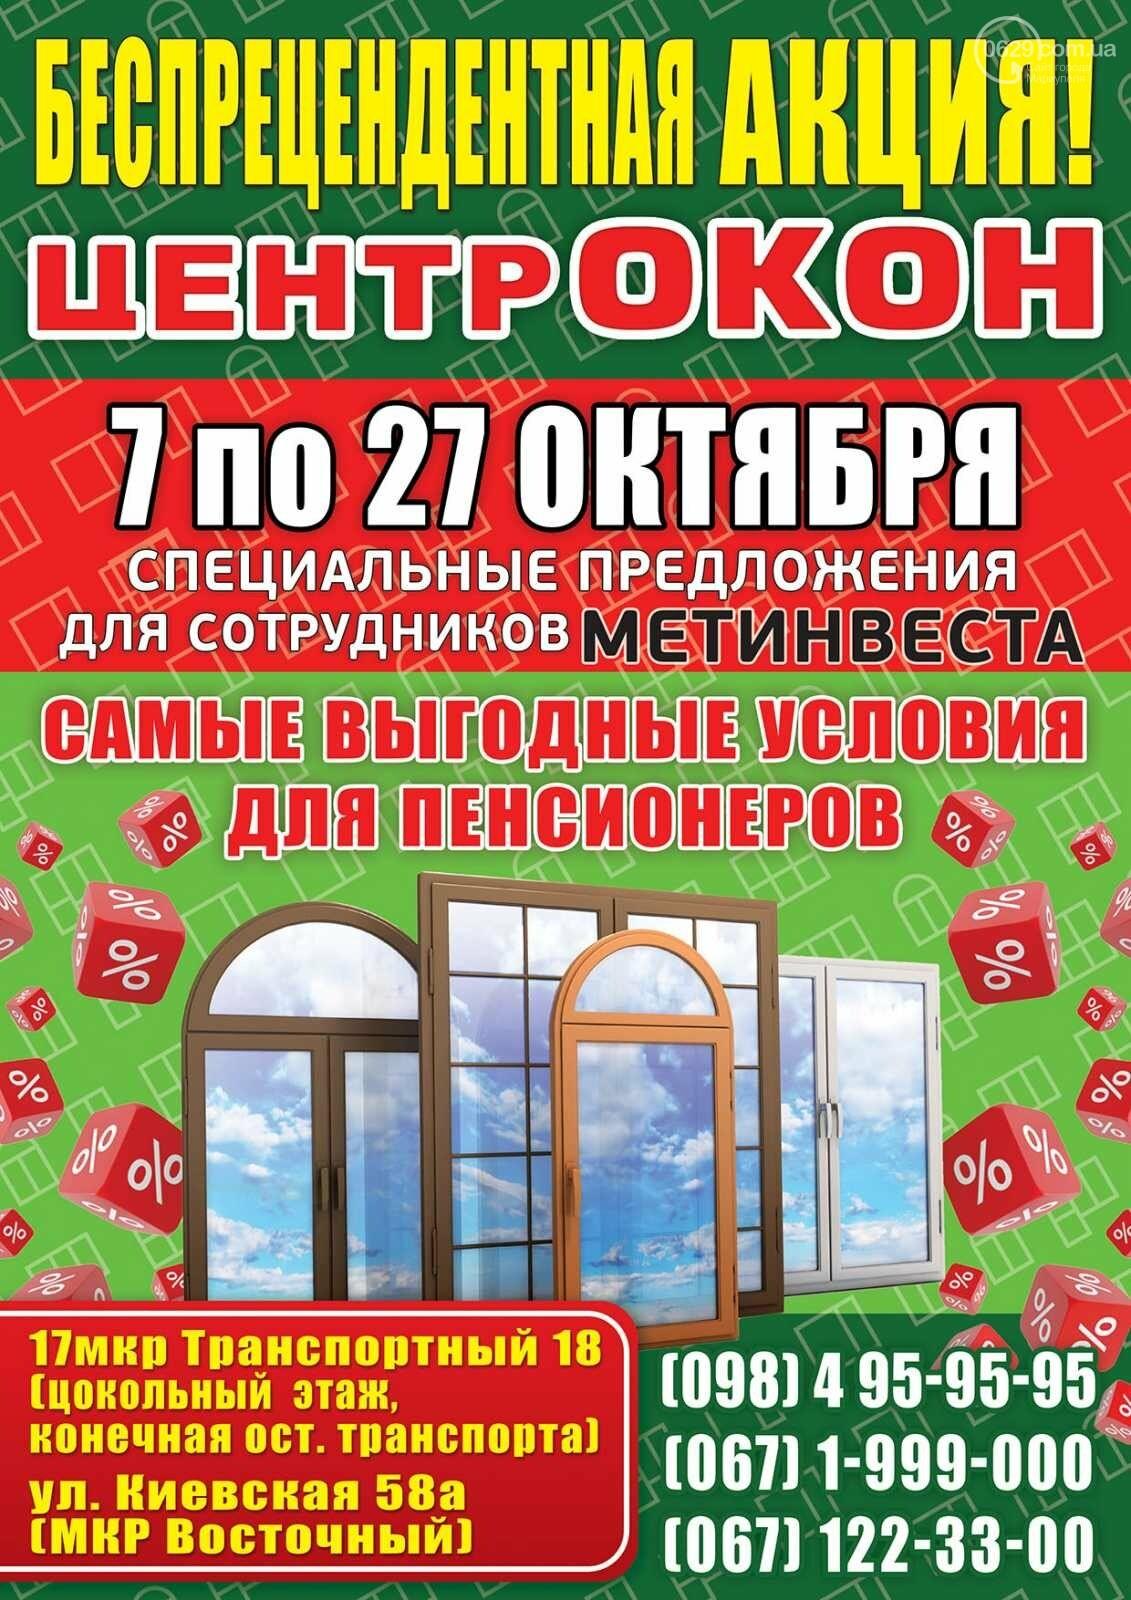 С 7 по 27 октября в магазинах ЦЕНТР ОКОН «БЕСПРЕЦЕДЕНТНАЯ АКЦИЯ» на окна, балконы, лоджии, двери, роллеты!, фото-1